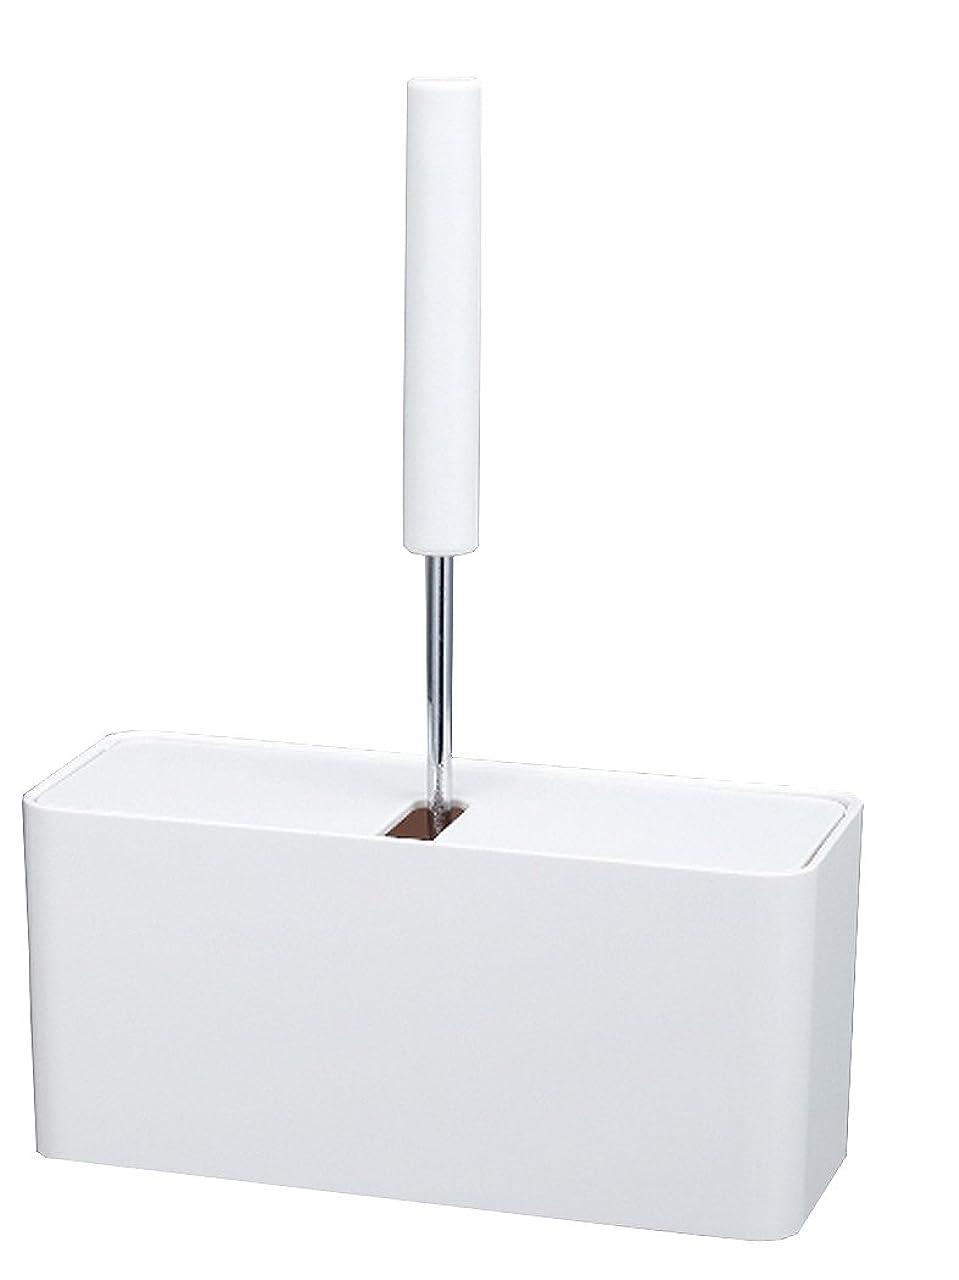 シンク逆説シャンプーマーナ fitia コロコロクリーナー ホワイト W167W